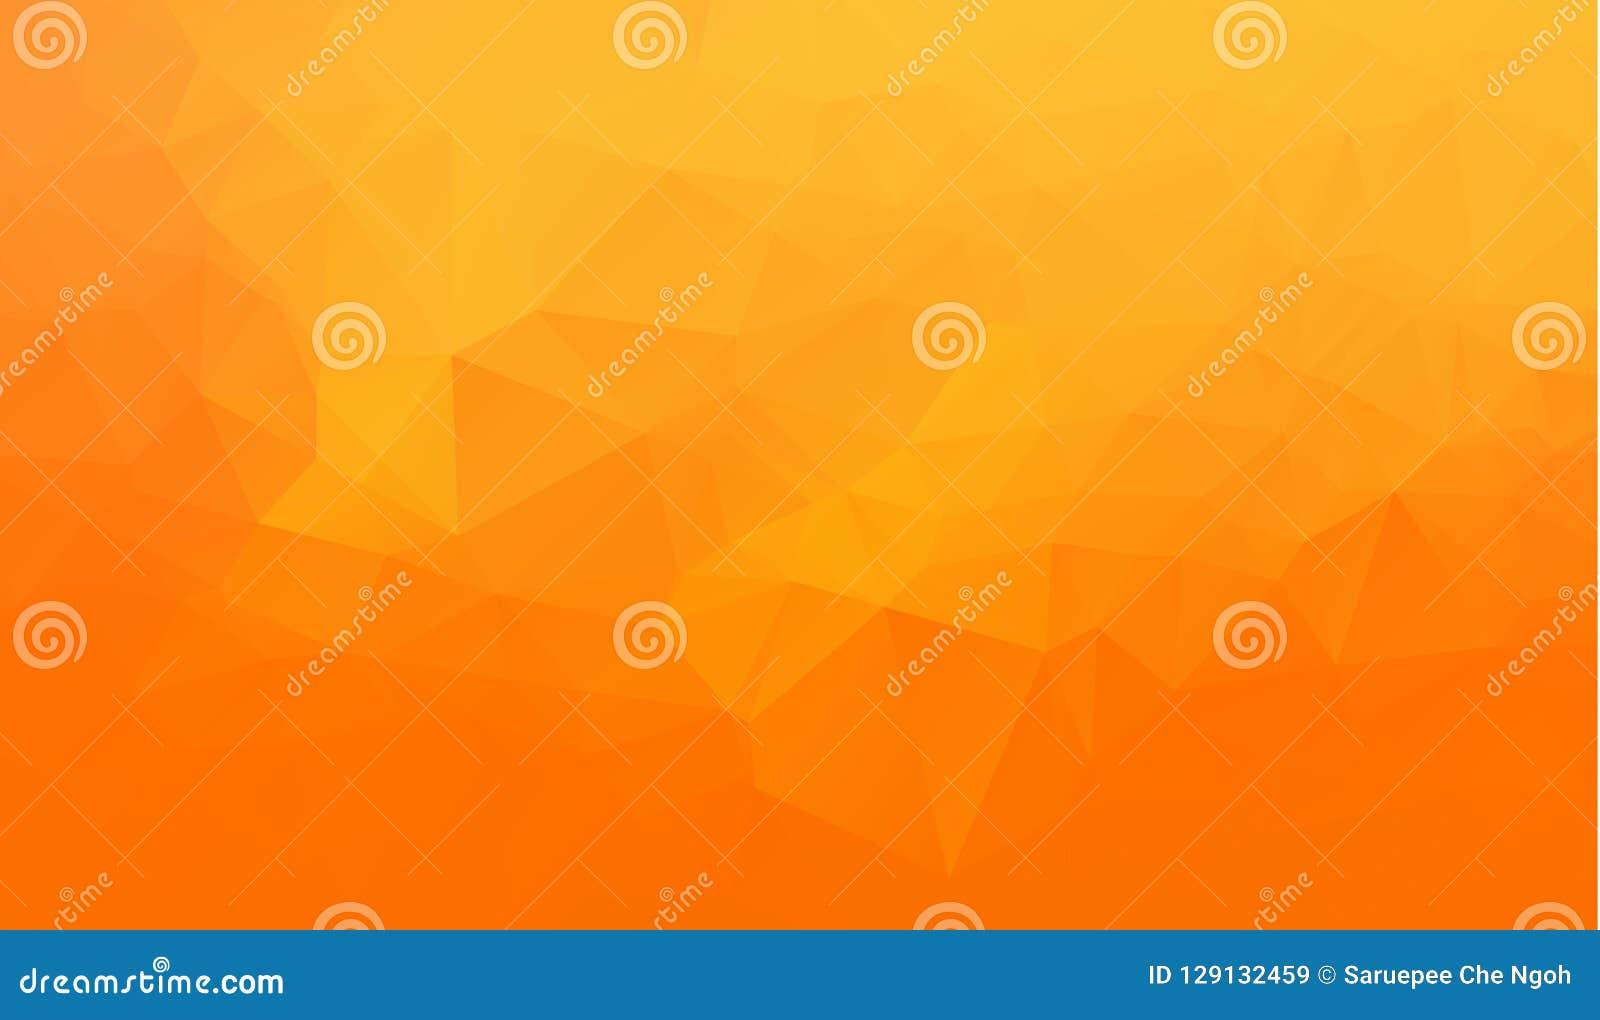 Πορτοκαλής αφηρημένος γεωμετρικός το τριγωνικό χαμηλό πολυ γραφικό υπόβαθρο απεικόνισης ύφους διανυσματικό